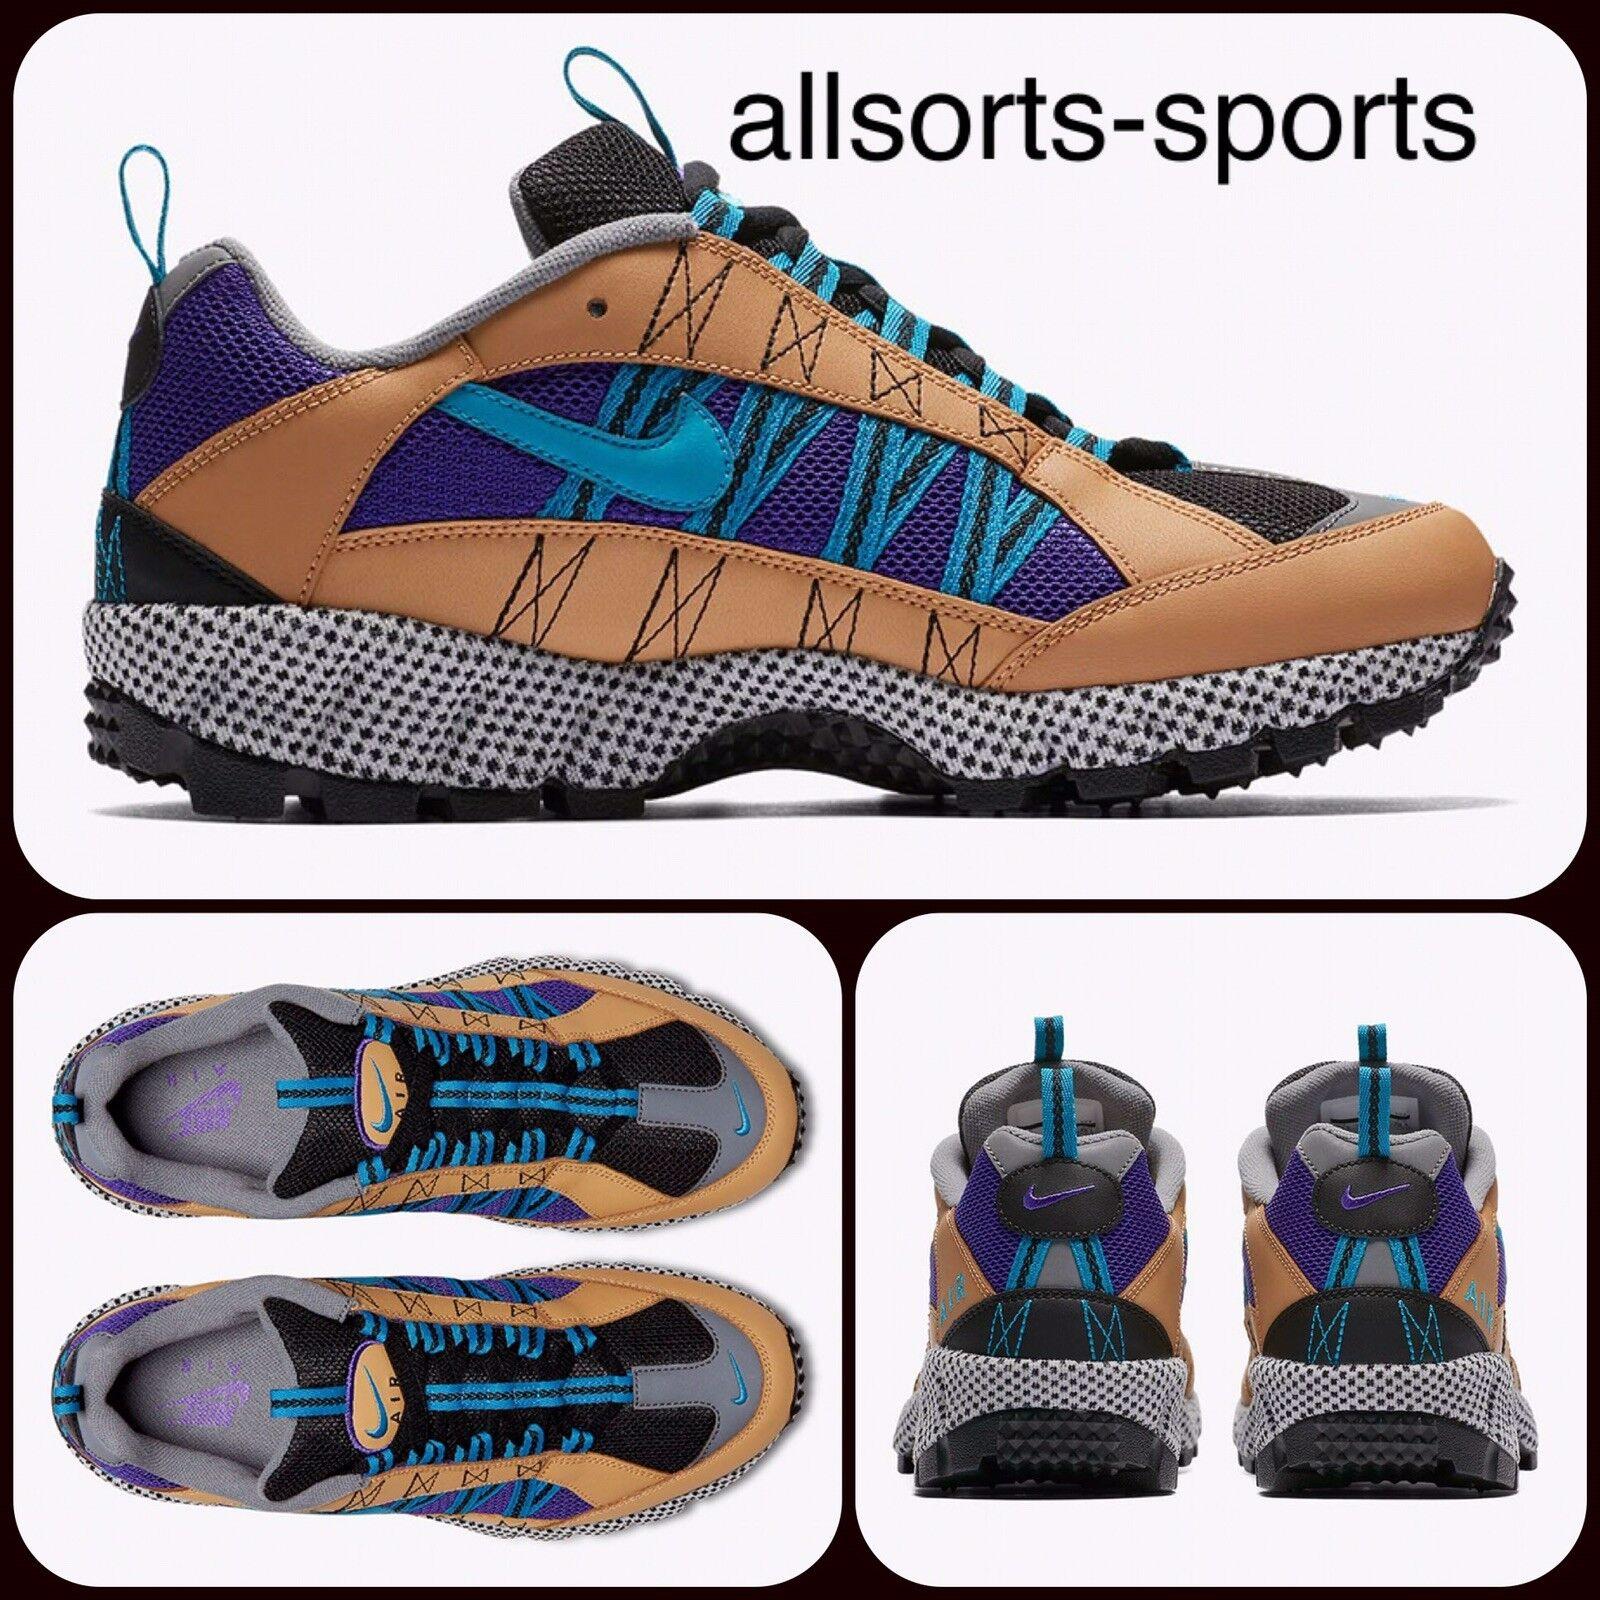 Nike Air Humara'17 QS   EU 42.5 US 9   EU 44 US 10   AO3297-700